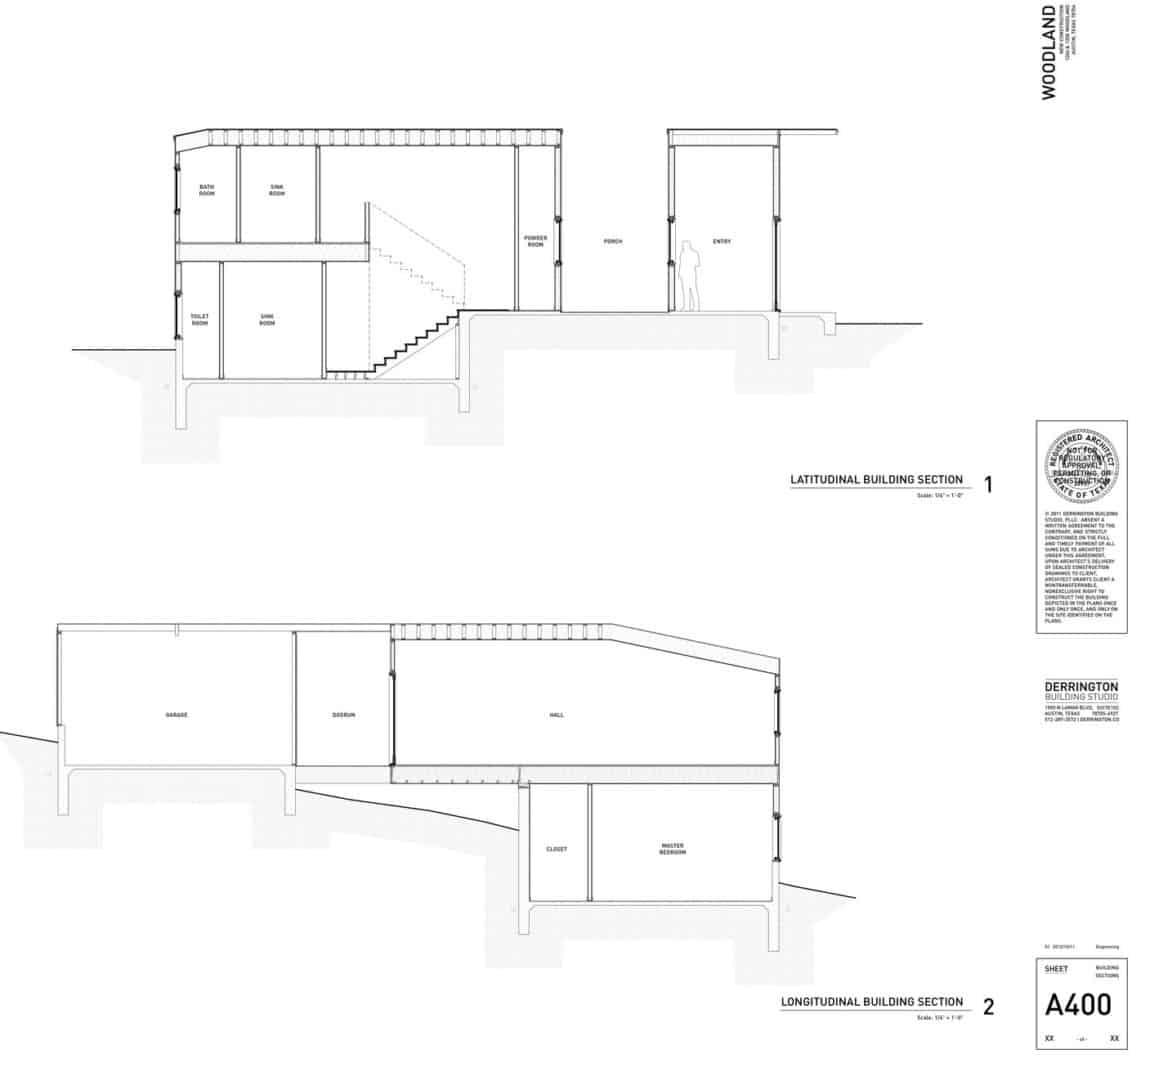 Woodland by Derrington Building Studio (27)